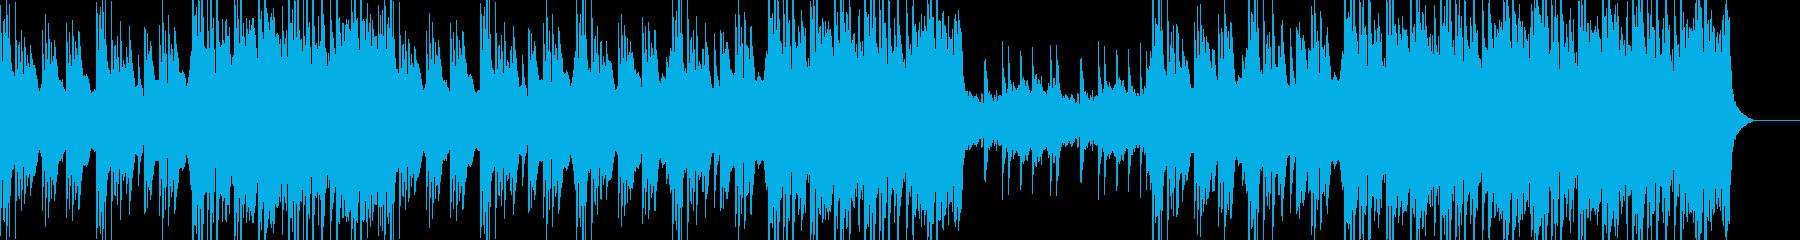 ハープのフレーズが特徴的な曲の再生済みの波形